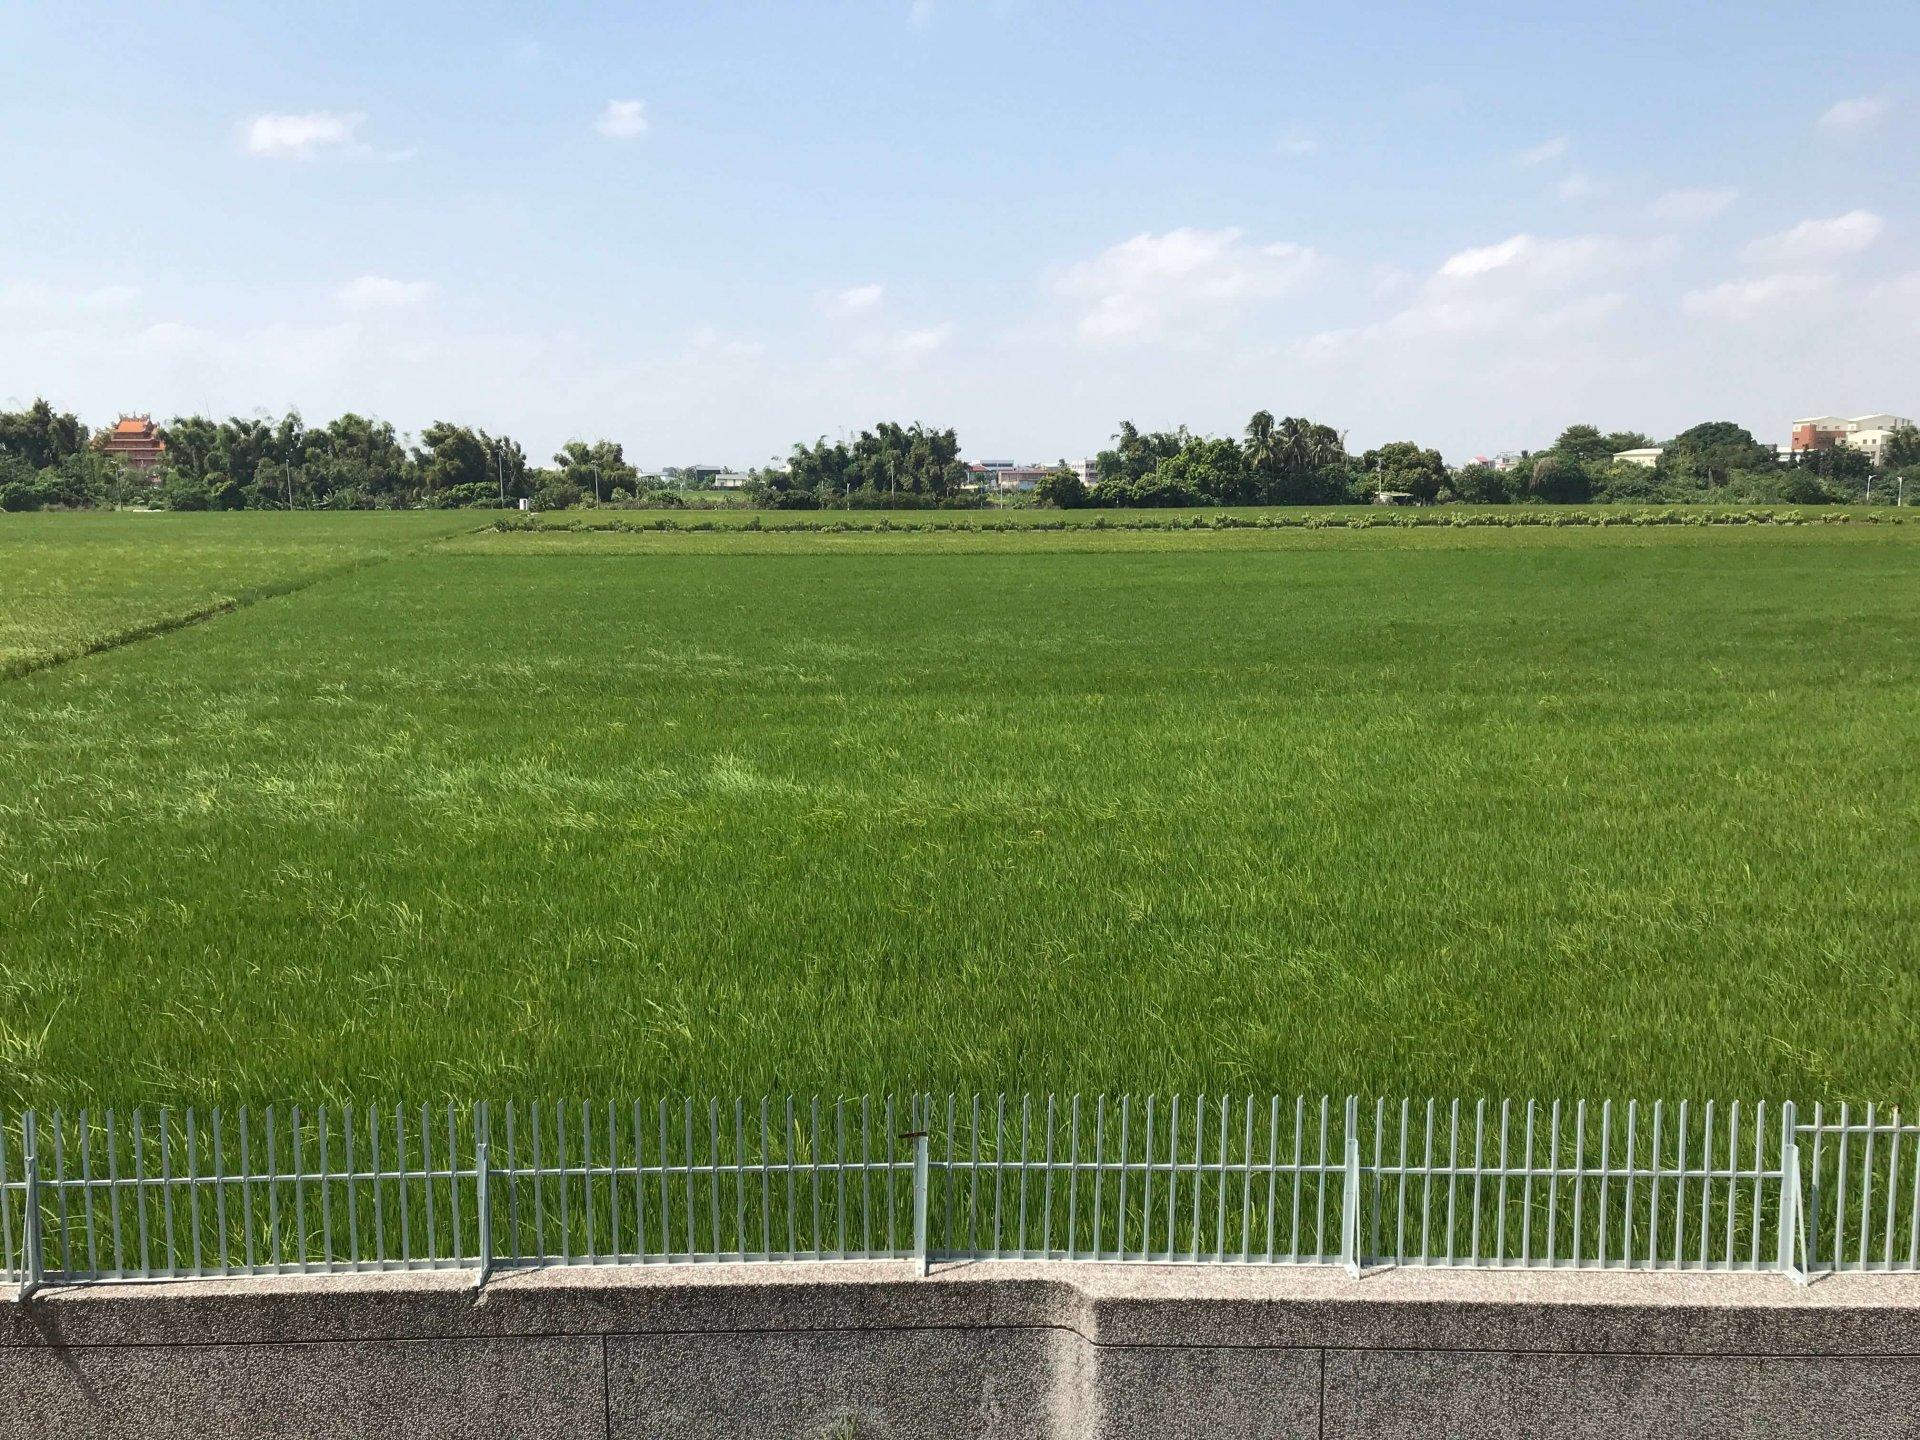 鄰近美麗的稻田讓同學身心舒暢